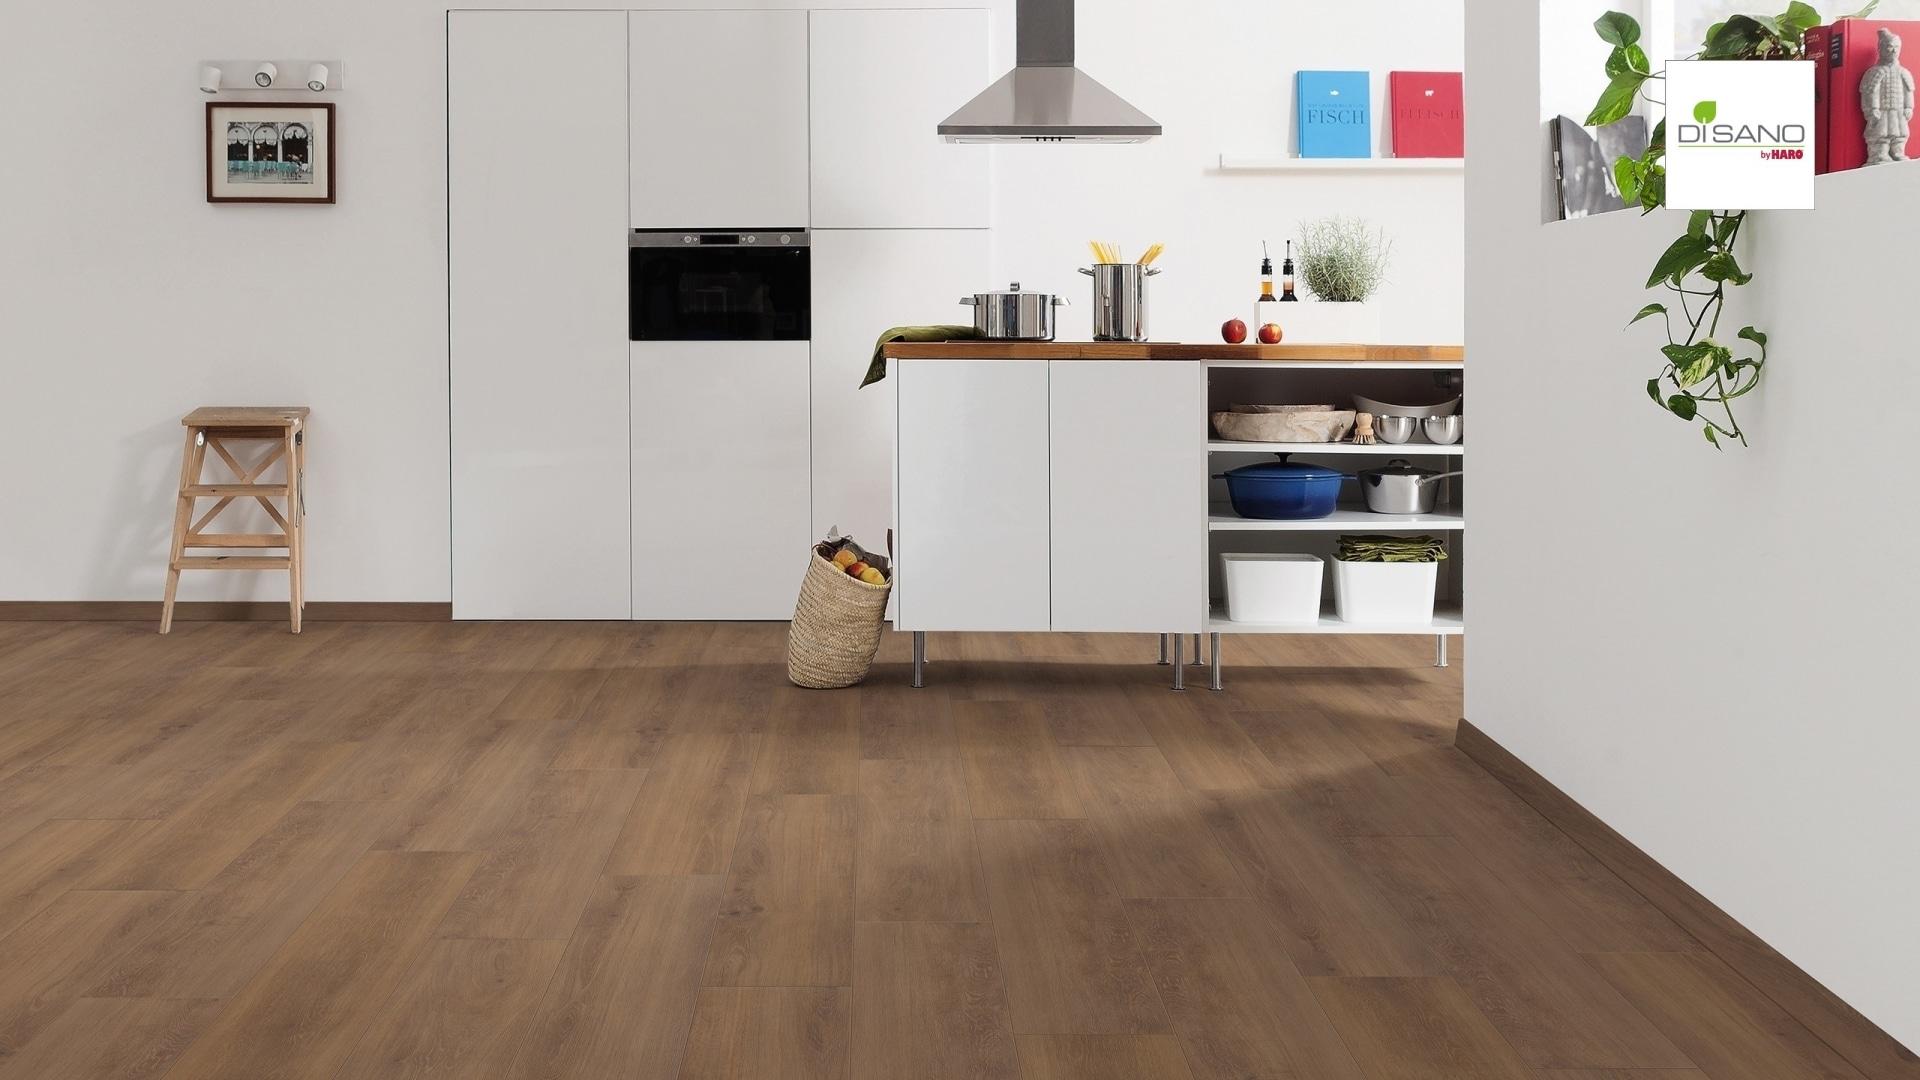 weiße, offene Küche mit dunklem Eichenboden